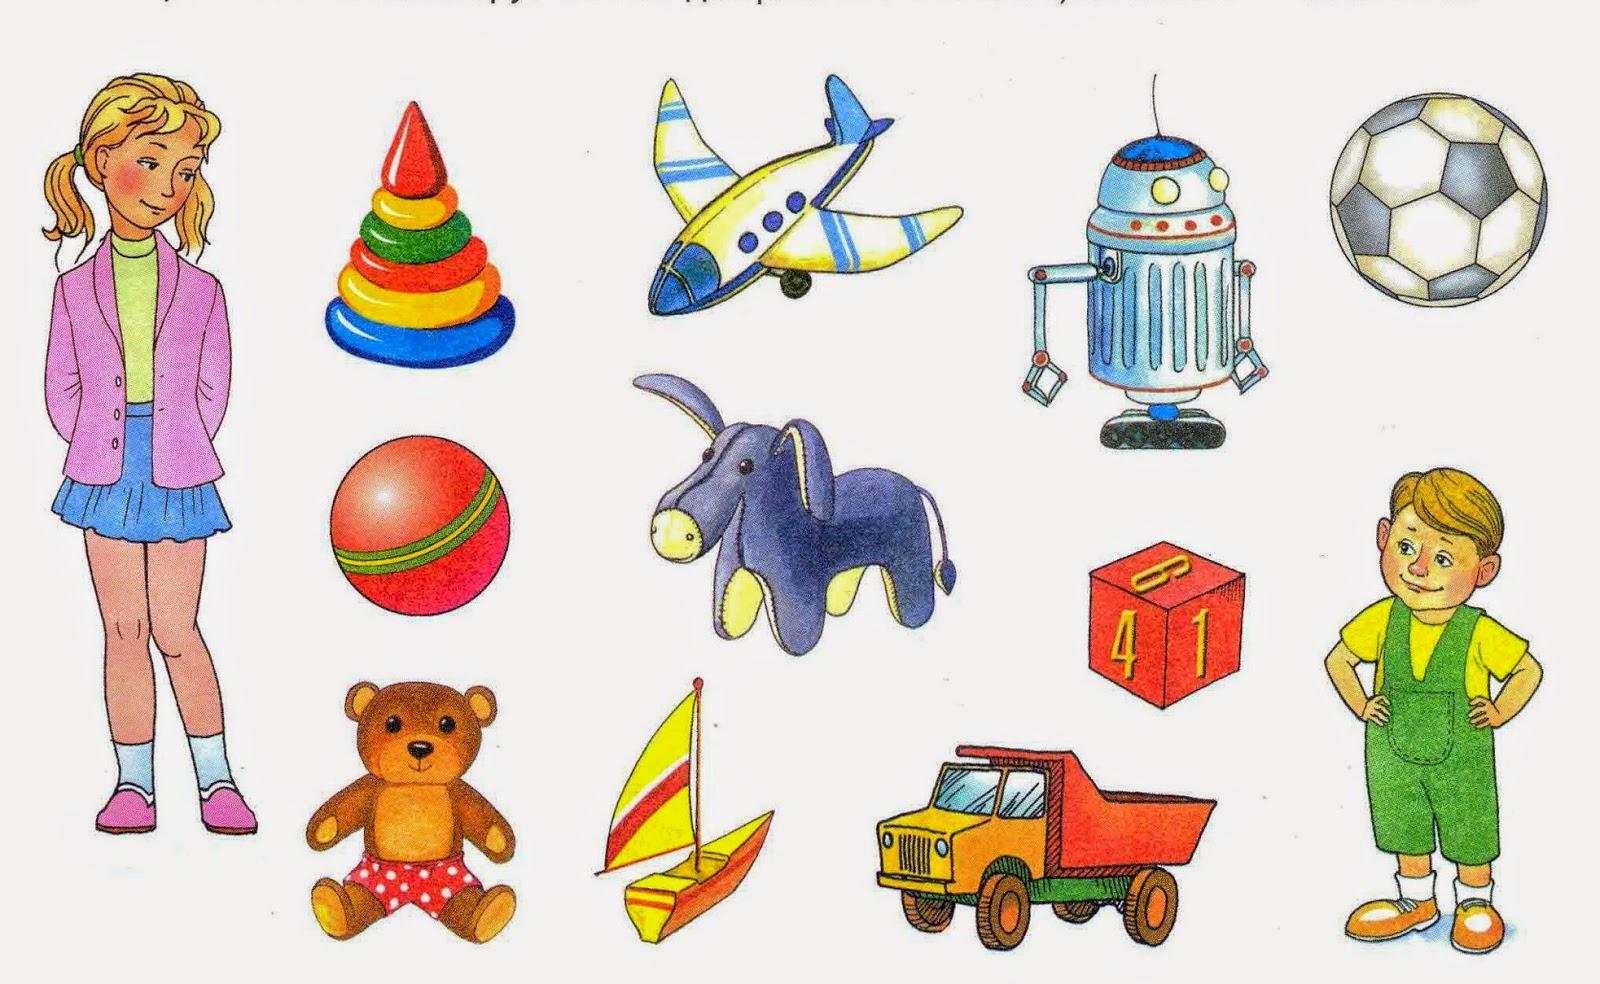 Игрушки картинки для дошкольников